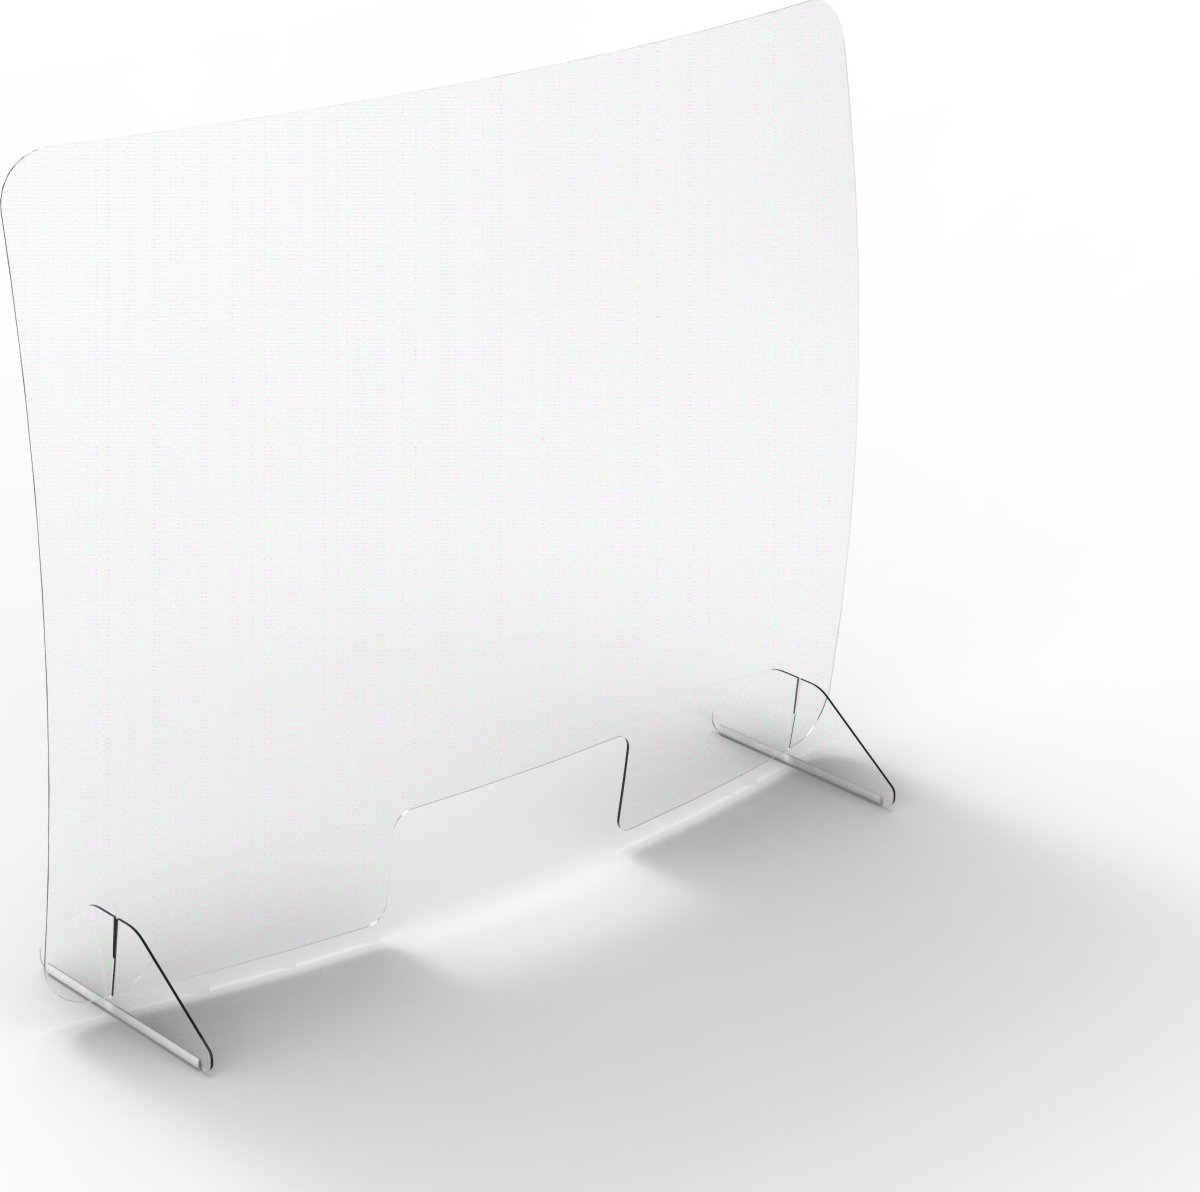 Hygiejne Skærm 80 x 100cm